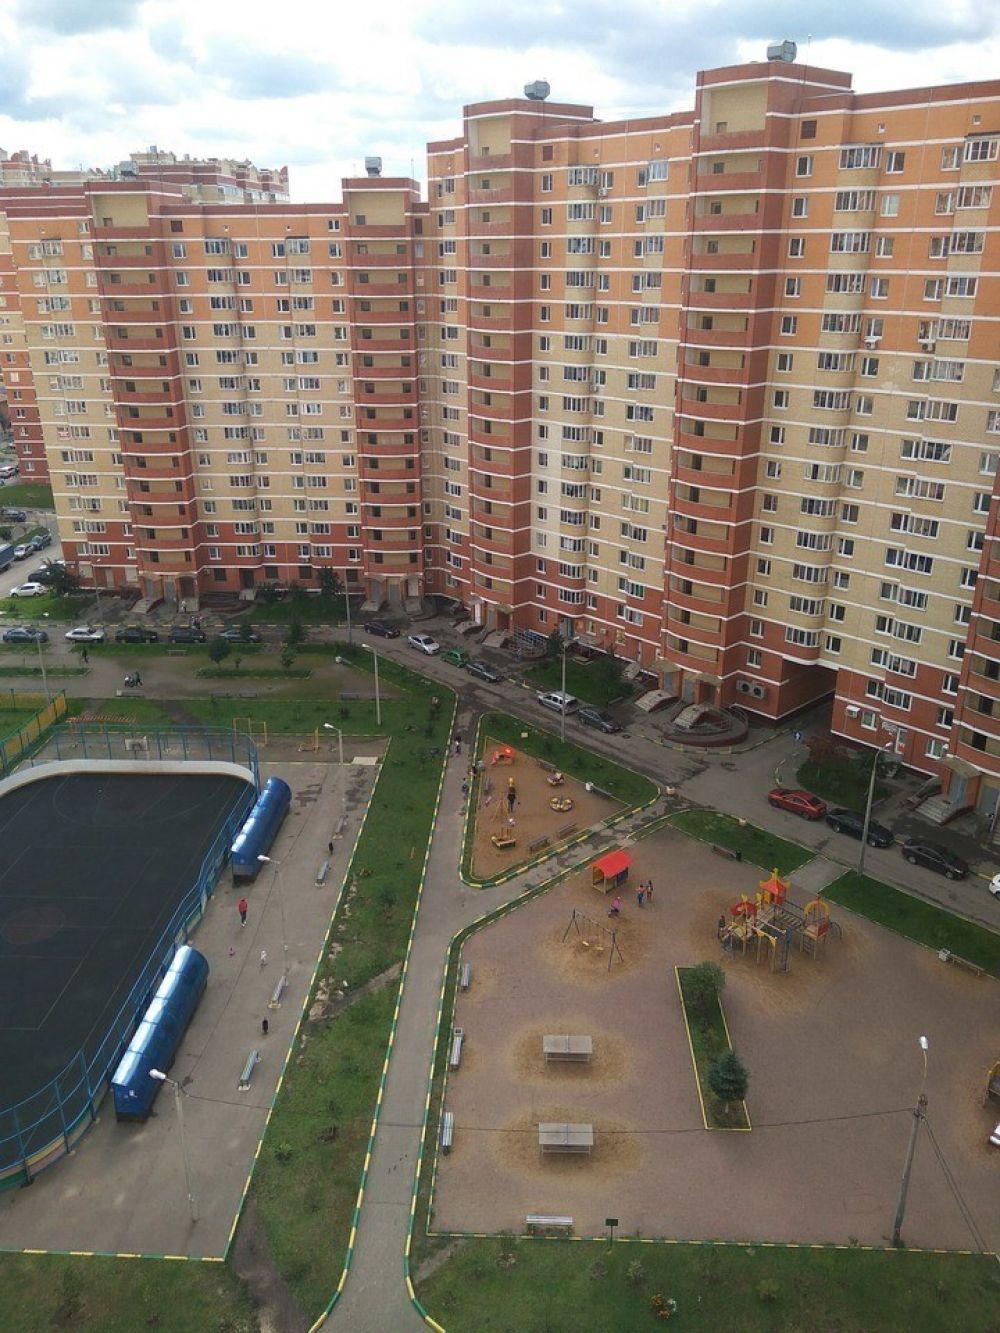 Однокомнатная квартира улучшенной планировки 47.6 м2, г. Щелково, Богородский мкр,10, фото 15